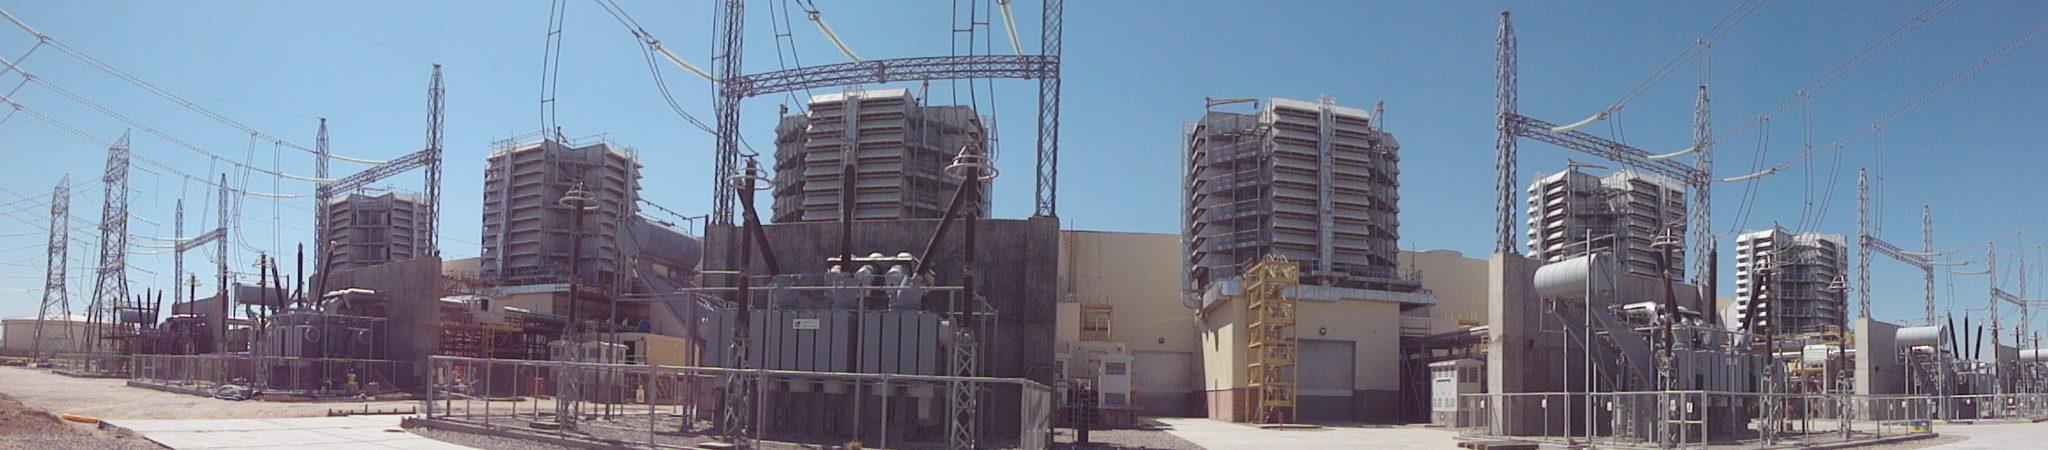 تابستان 98 با بهرهبرداری تجاری موفق از محصولات جدید نیروگاهی گروه مپنا سپری شد